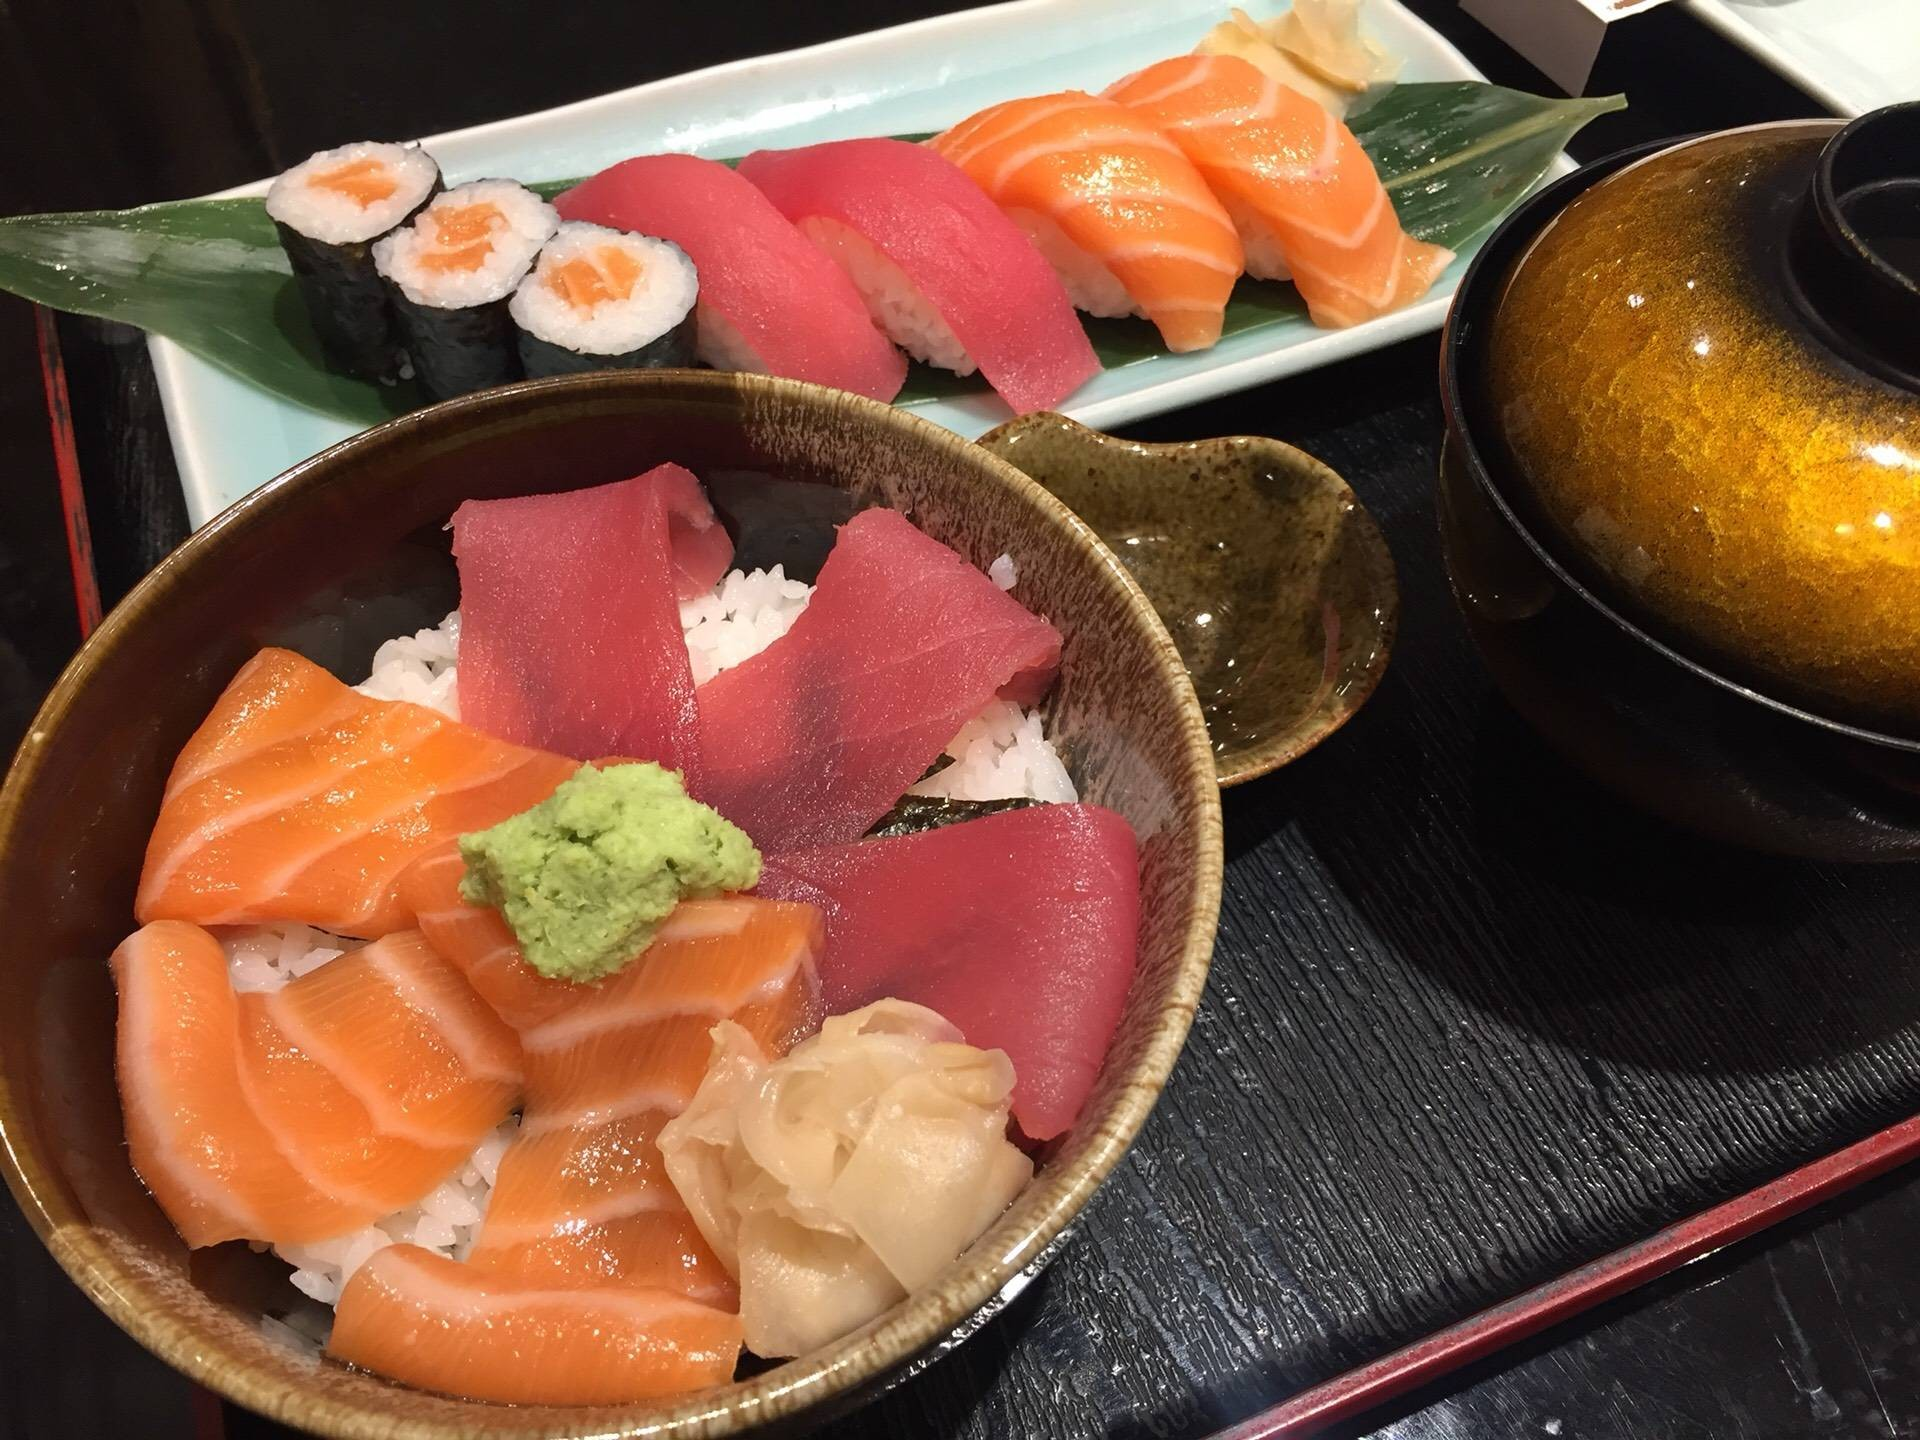 เนื้อปลาซาชิมินุ่มละมุนกินกับข้าวอร่อยลงตัว